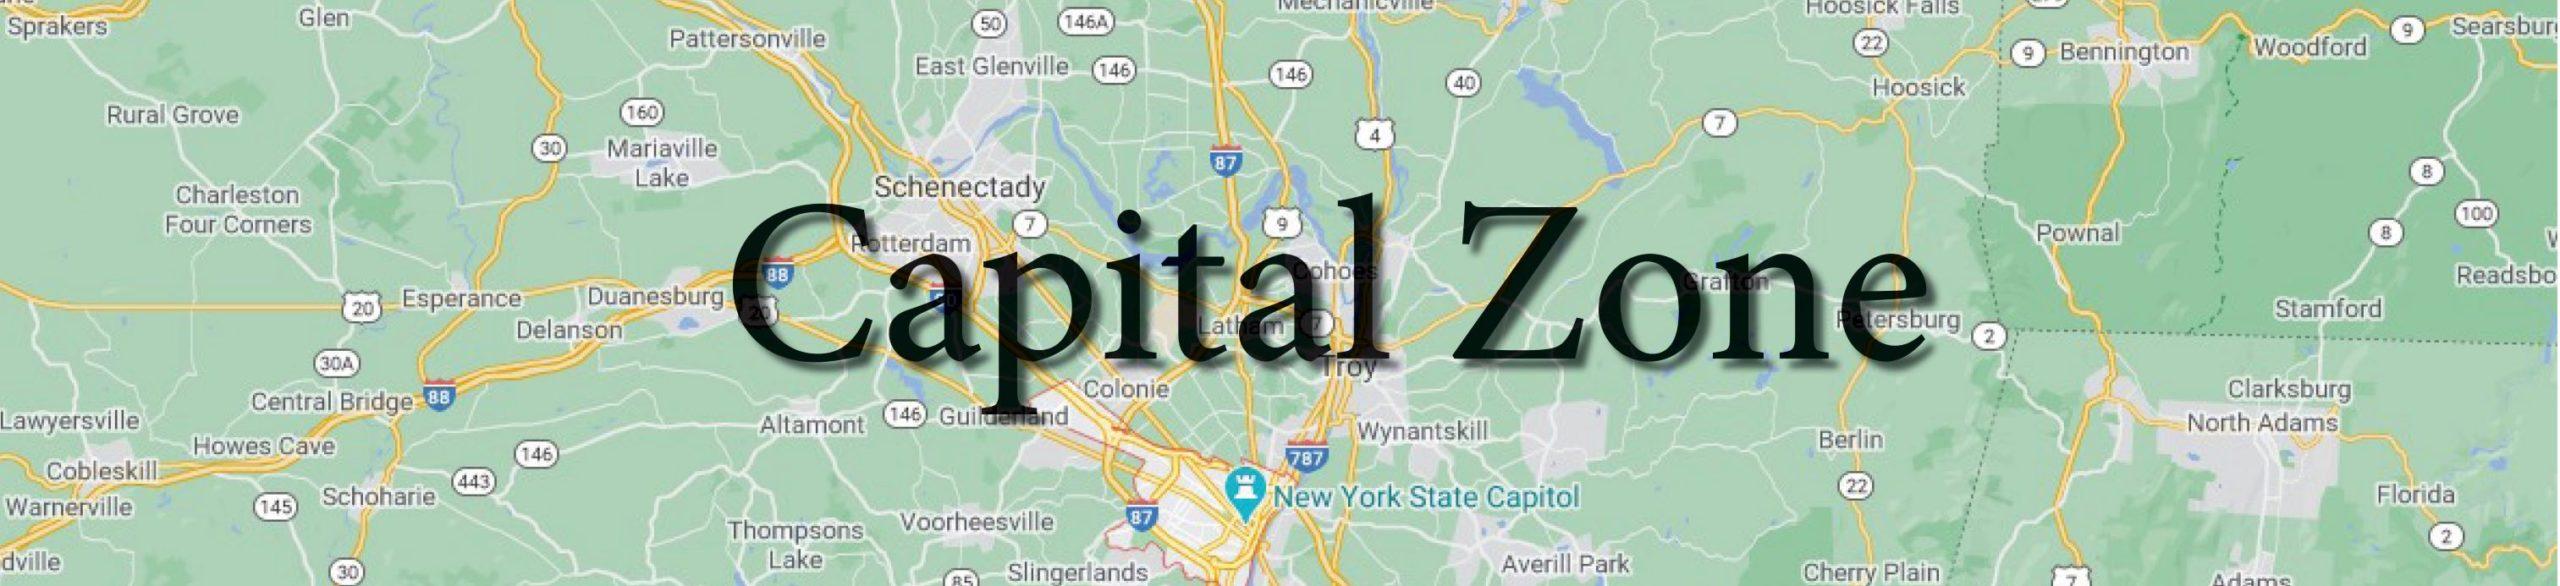 1920x440px Capital Zone